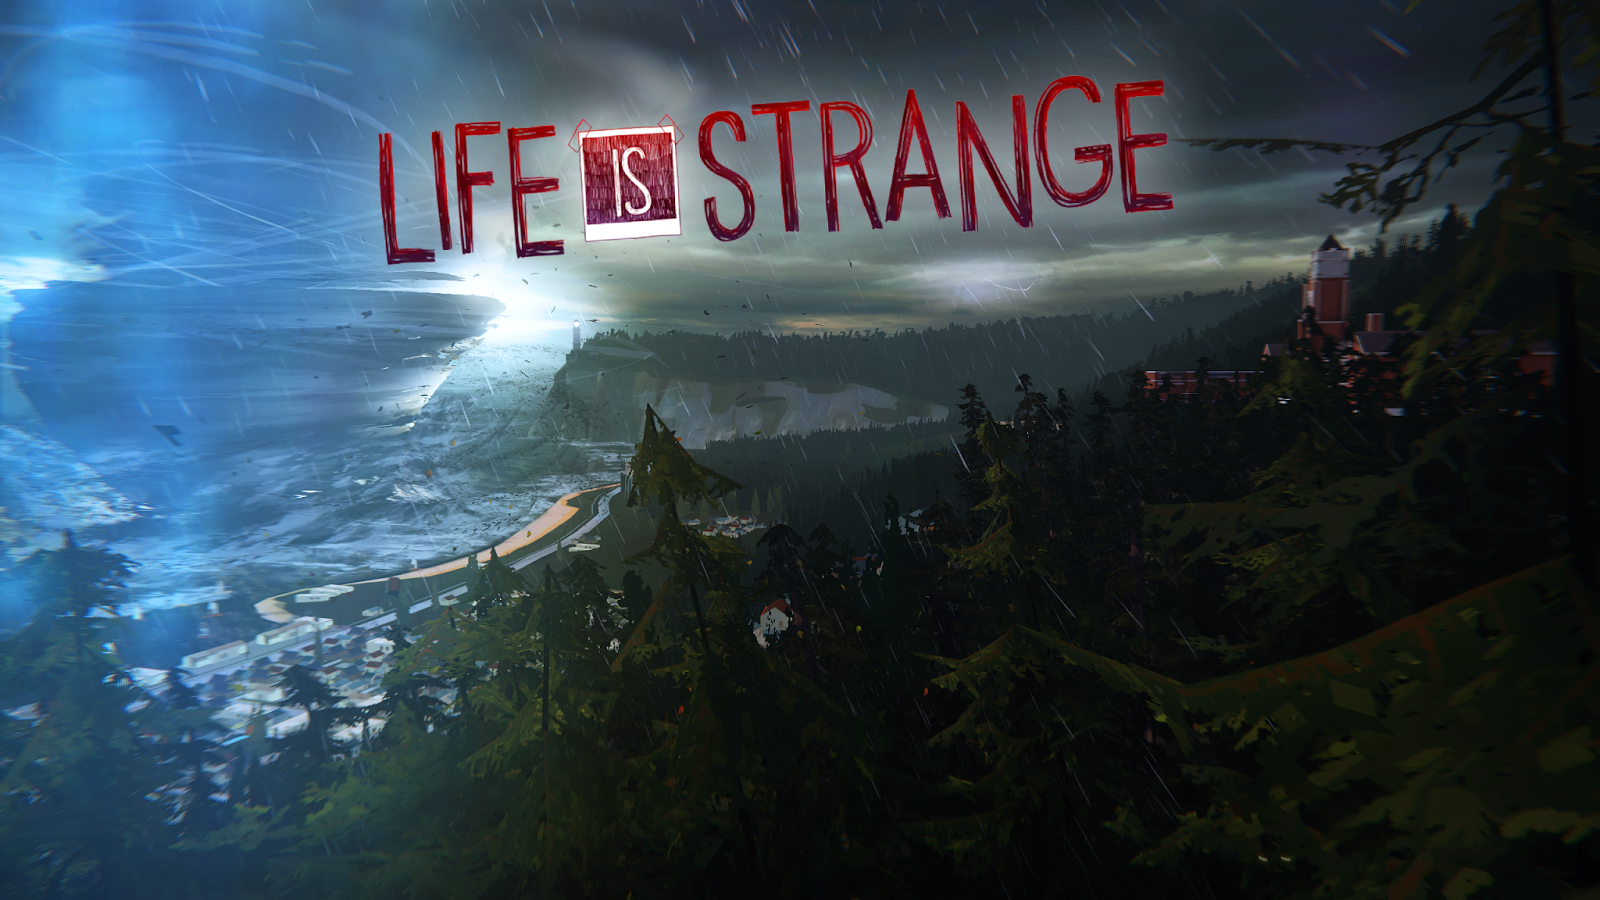 Life Is Strange Desktop Background Posted By Sarah Peltier